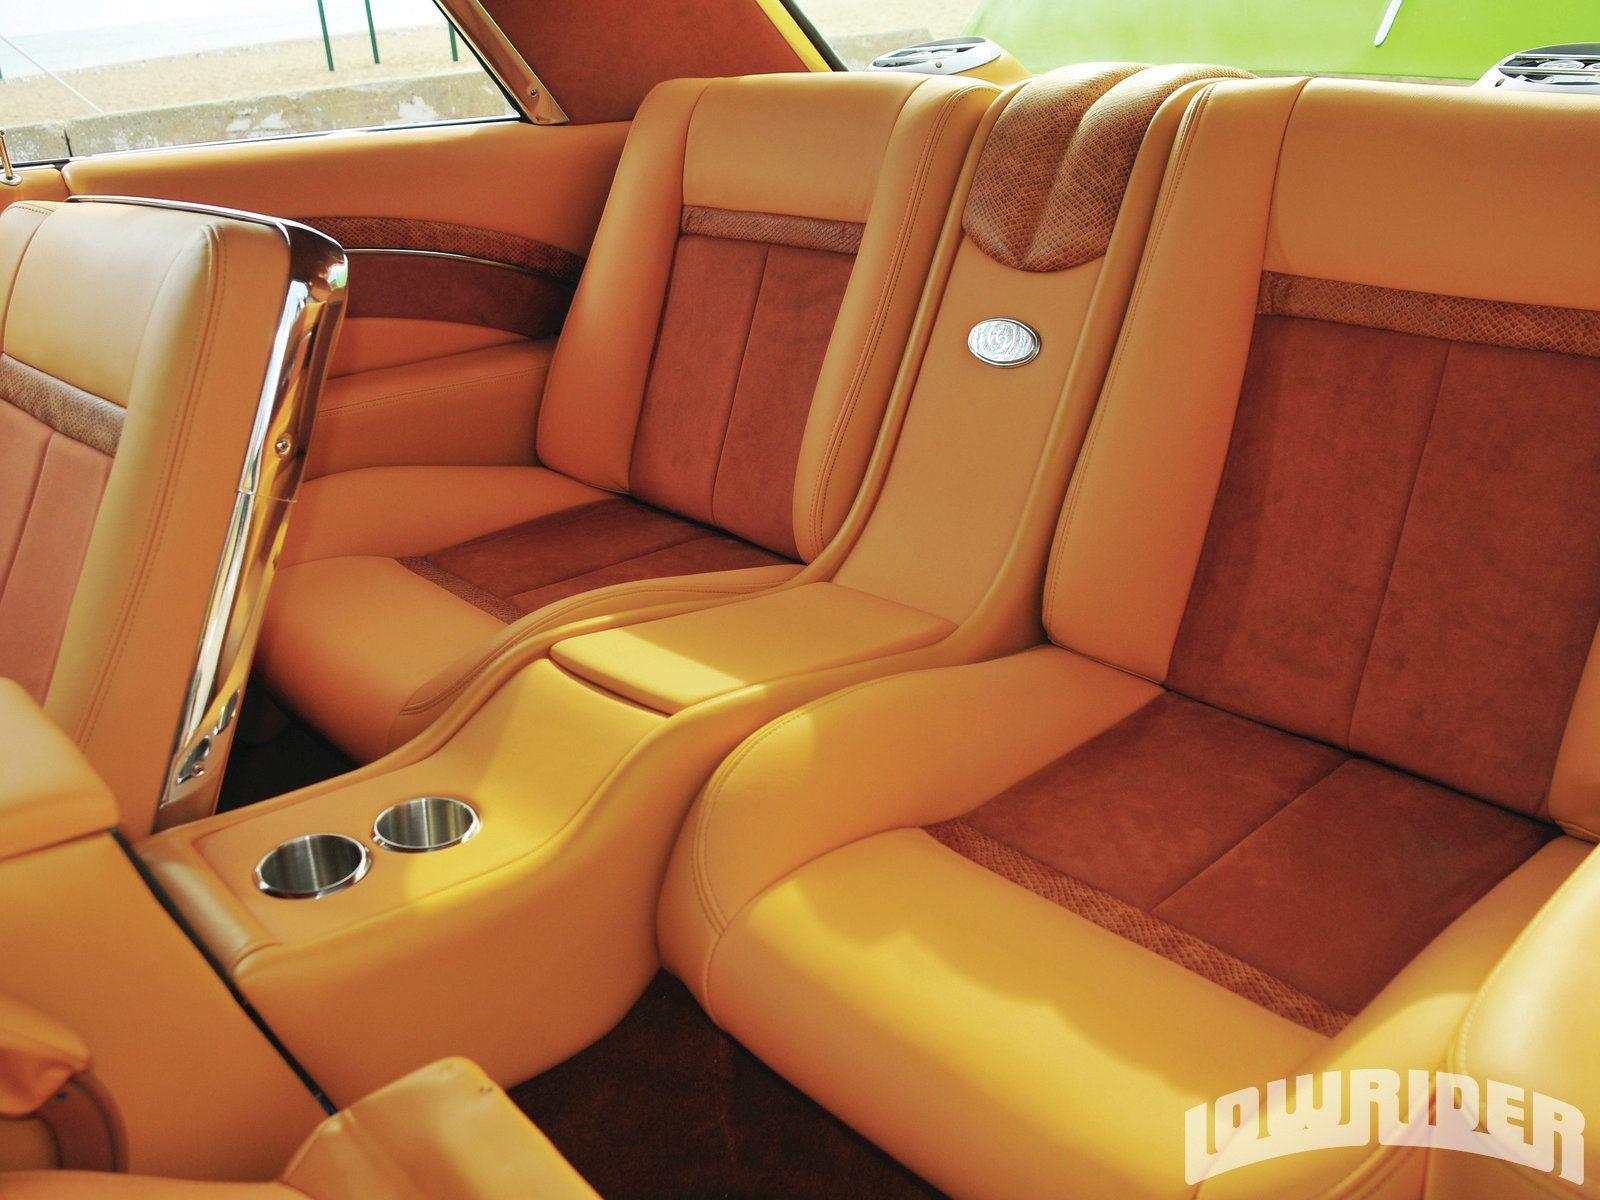 1964 Chevrolet Impala Saddle Tan Leather Interior Banco De Couro Automotivo Customizacao De Carros Interior Carro